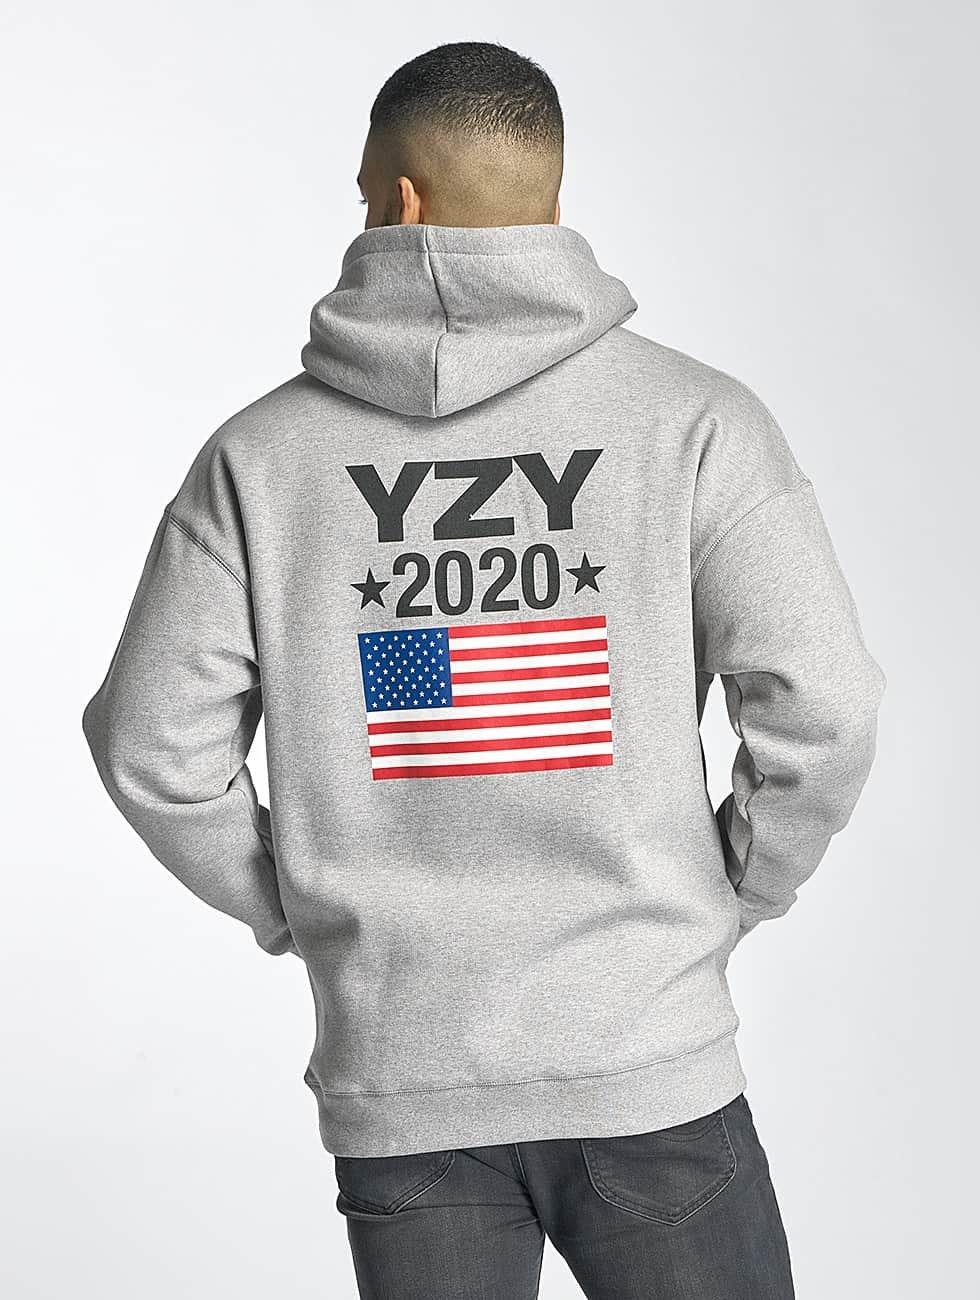 Kreem Bluzy z kapturem YZY 2020 szary